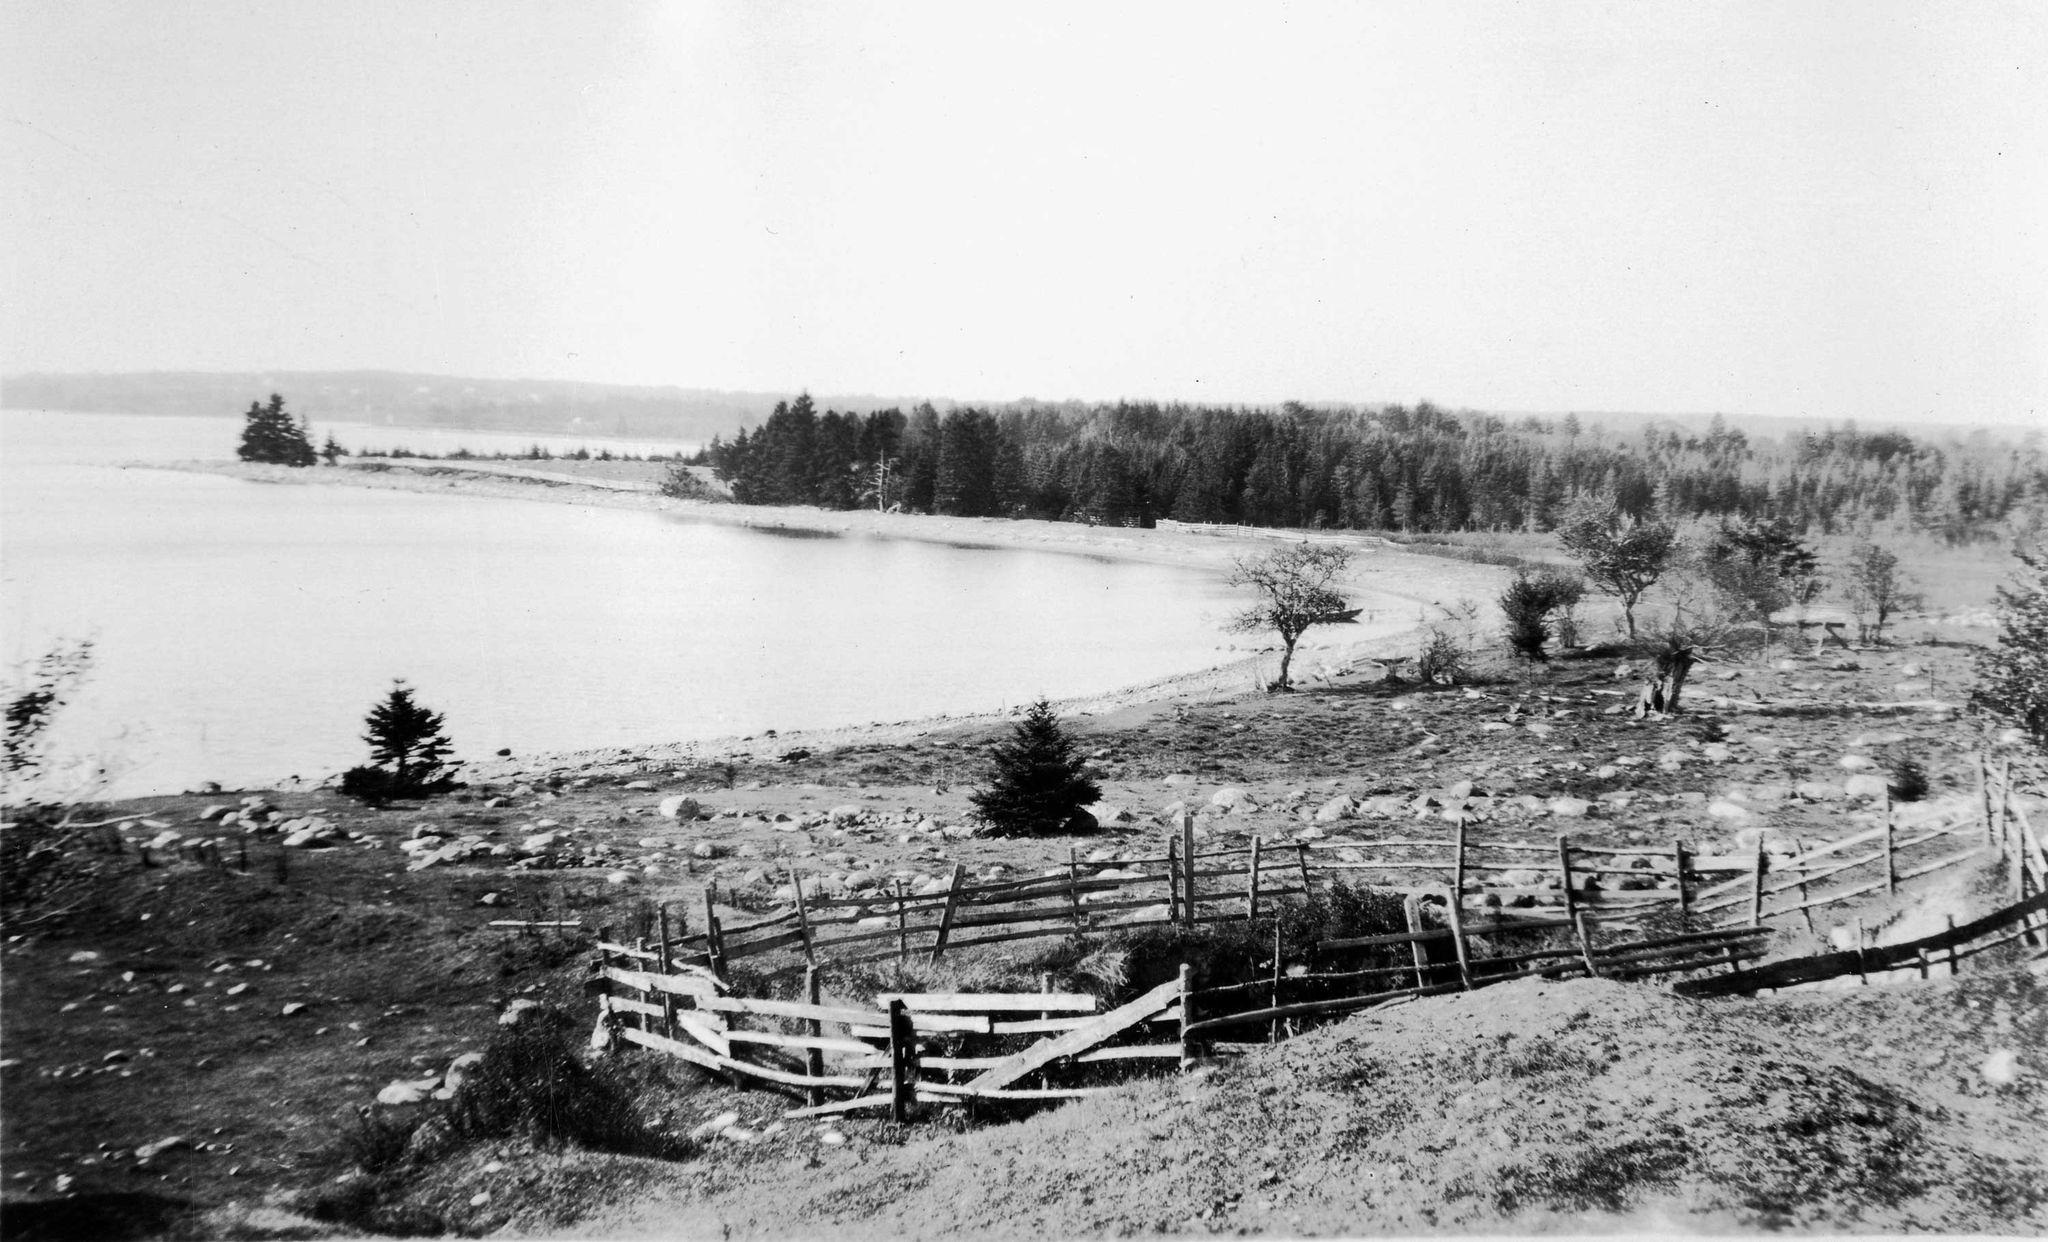 Остров Оук. Пиковая высота острова Оук составляет всего 36 футов (почти 11 метров) над уровнем моря. Архивы Новой Шотландии